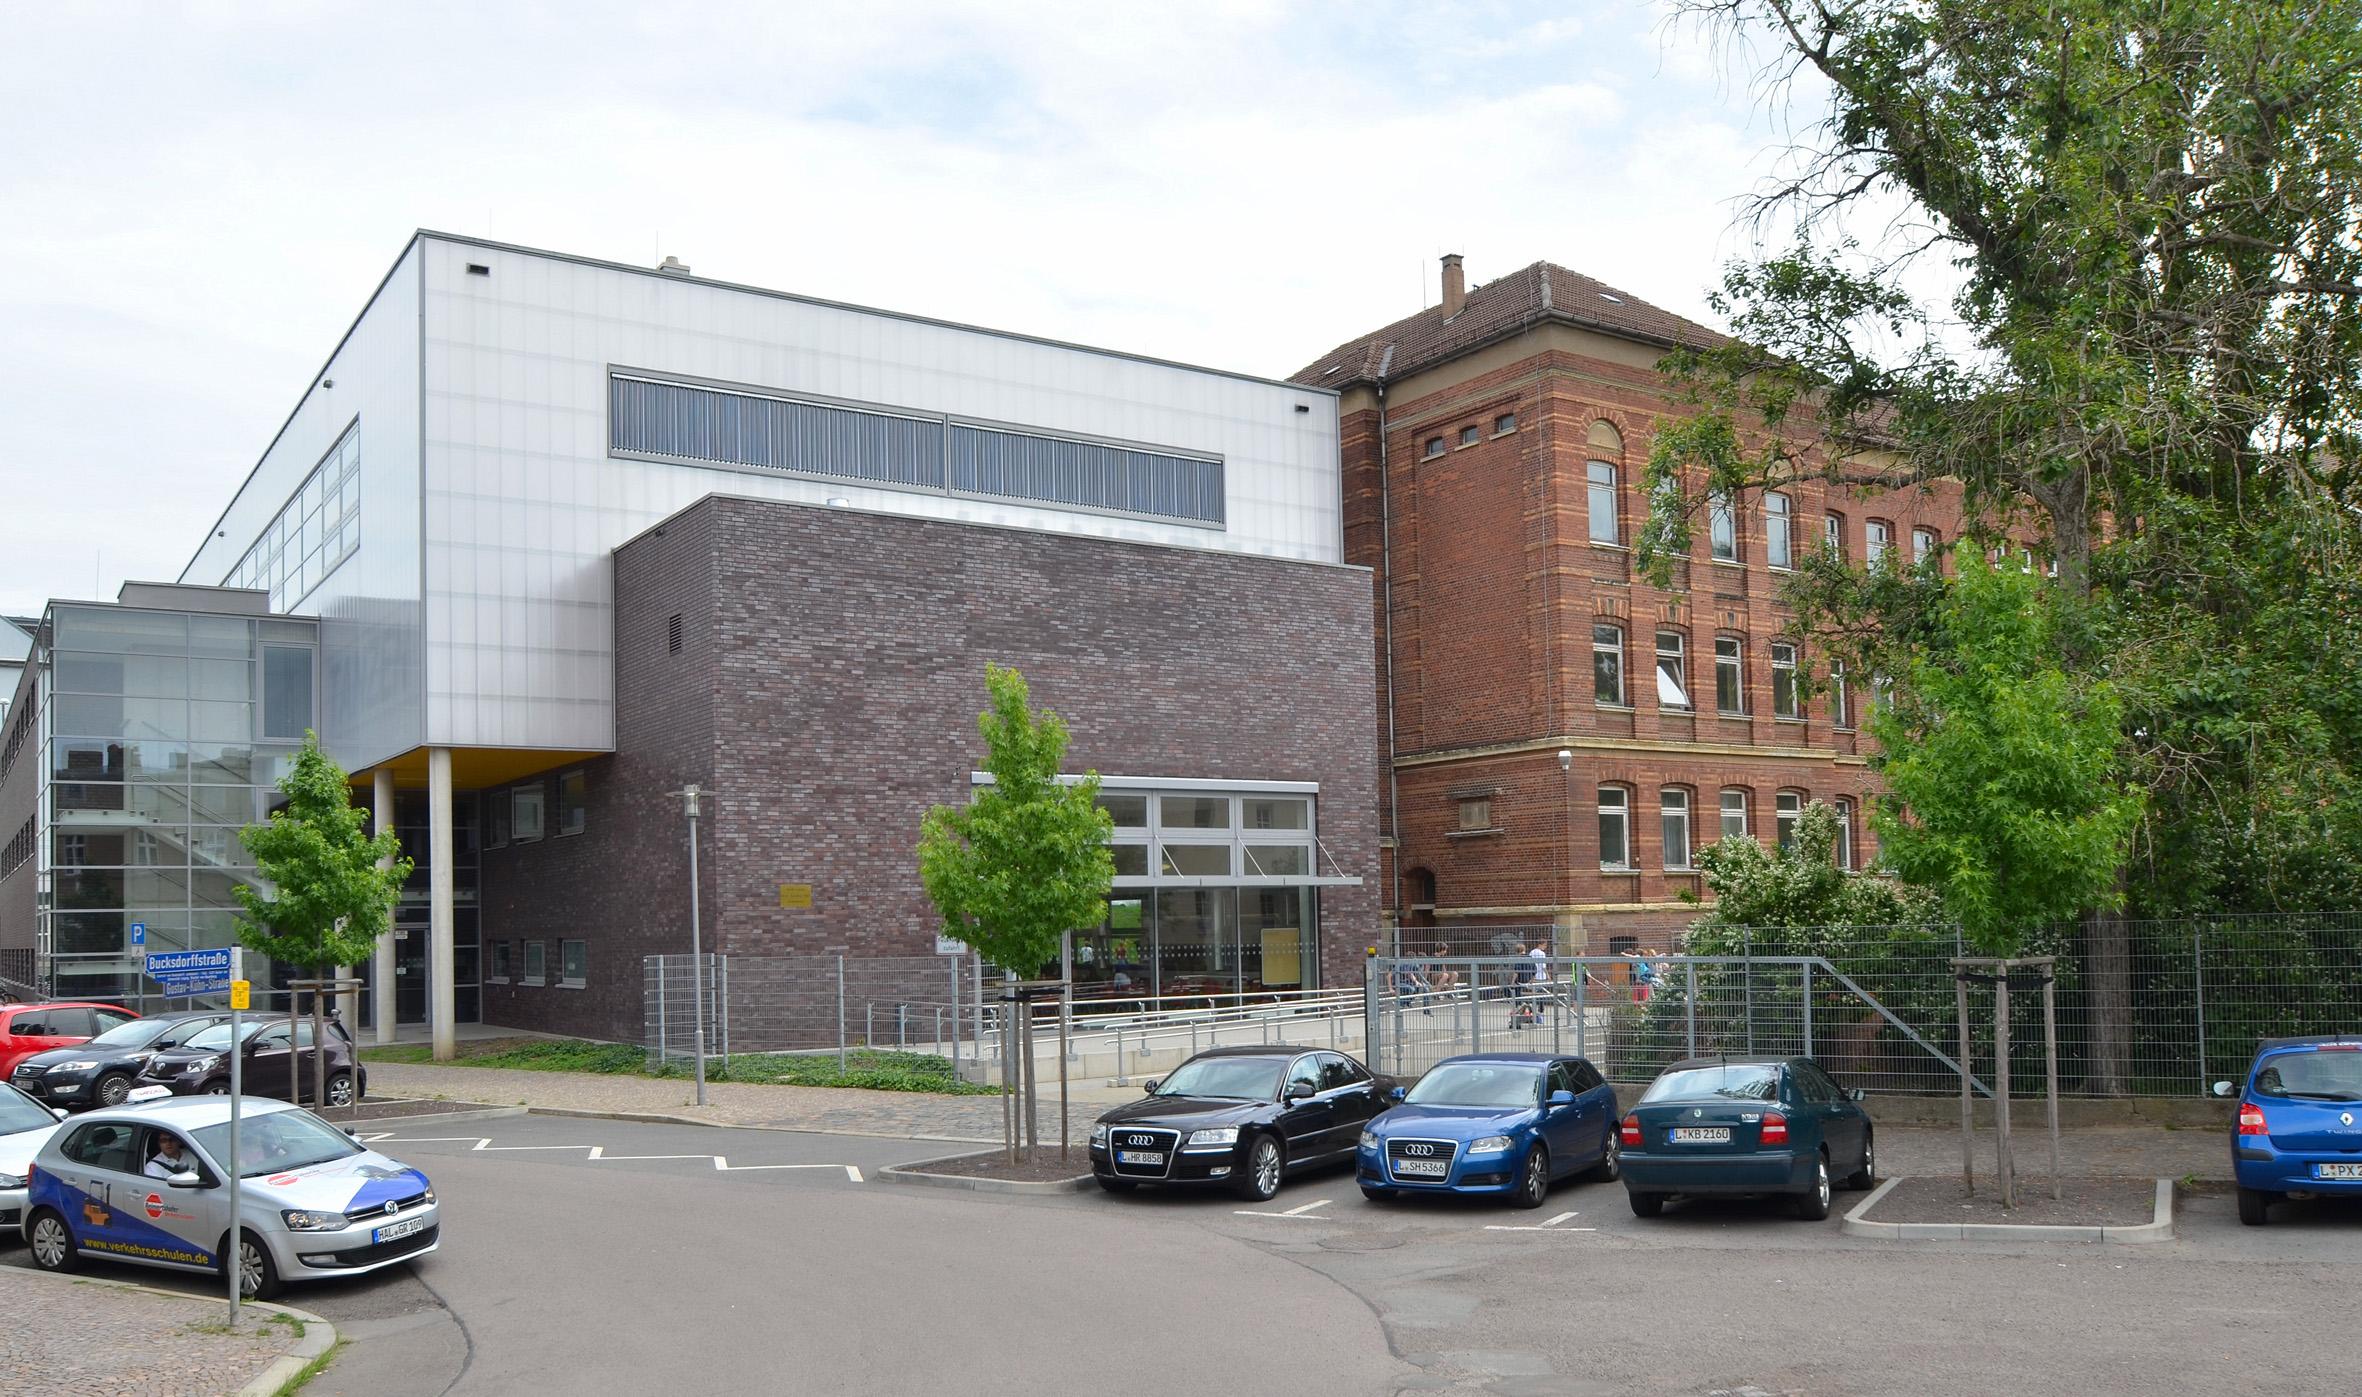 Whs Leipzig werner heisenberg schule gymnasium der stadt leipzig stadt leipzig